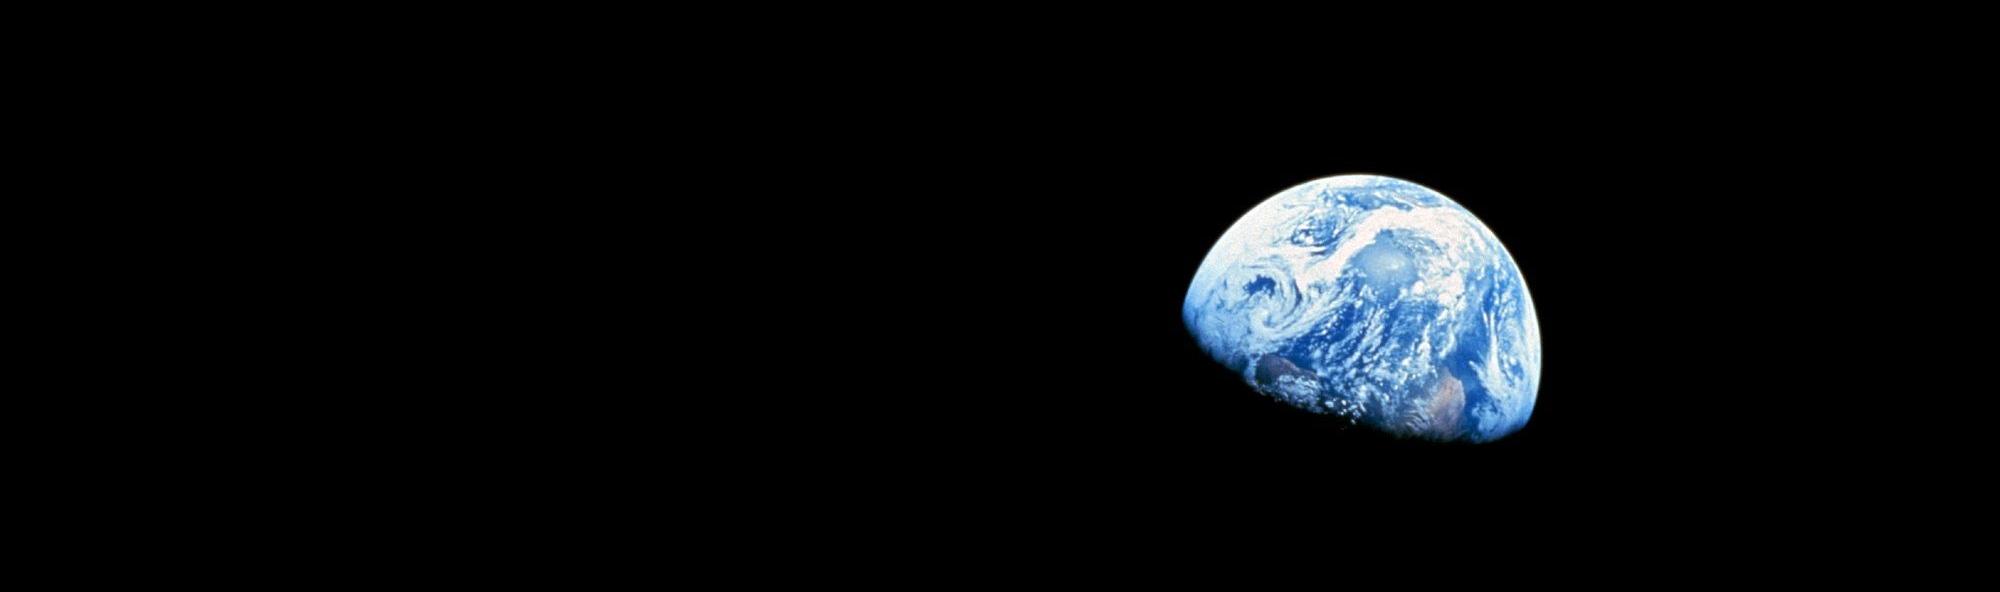 astronomy-earth-lunar-surface-87009 (1)